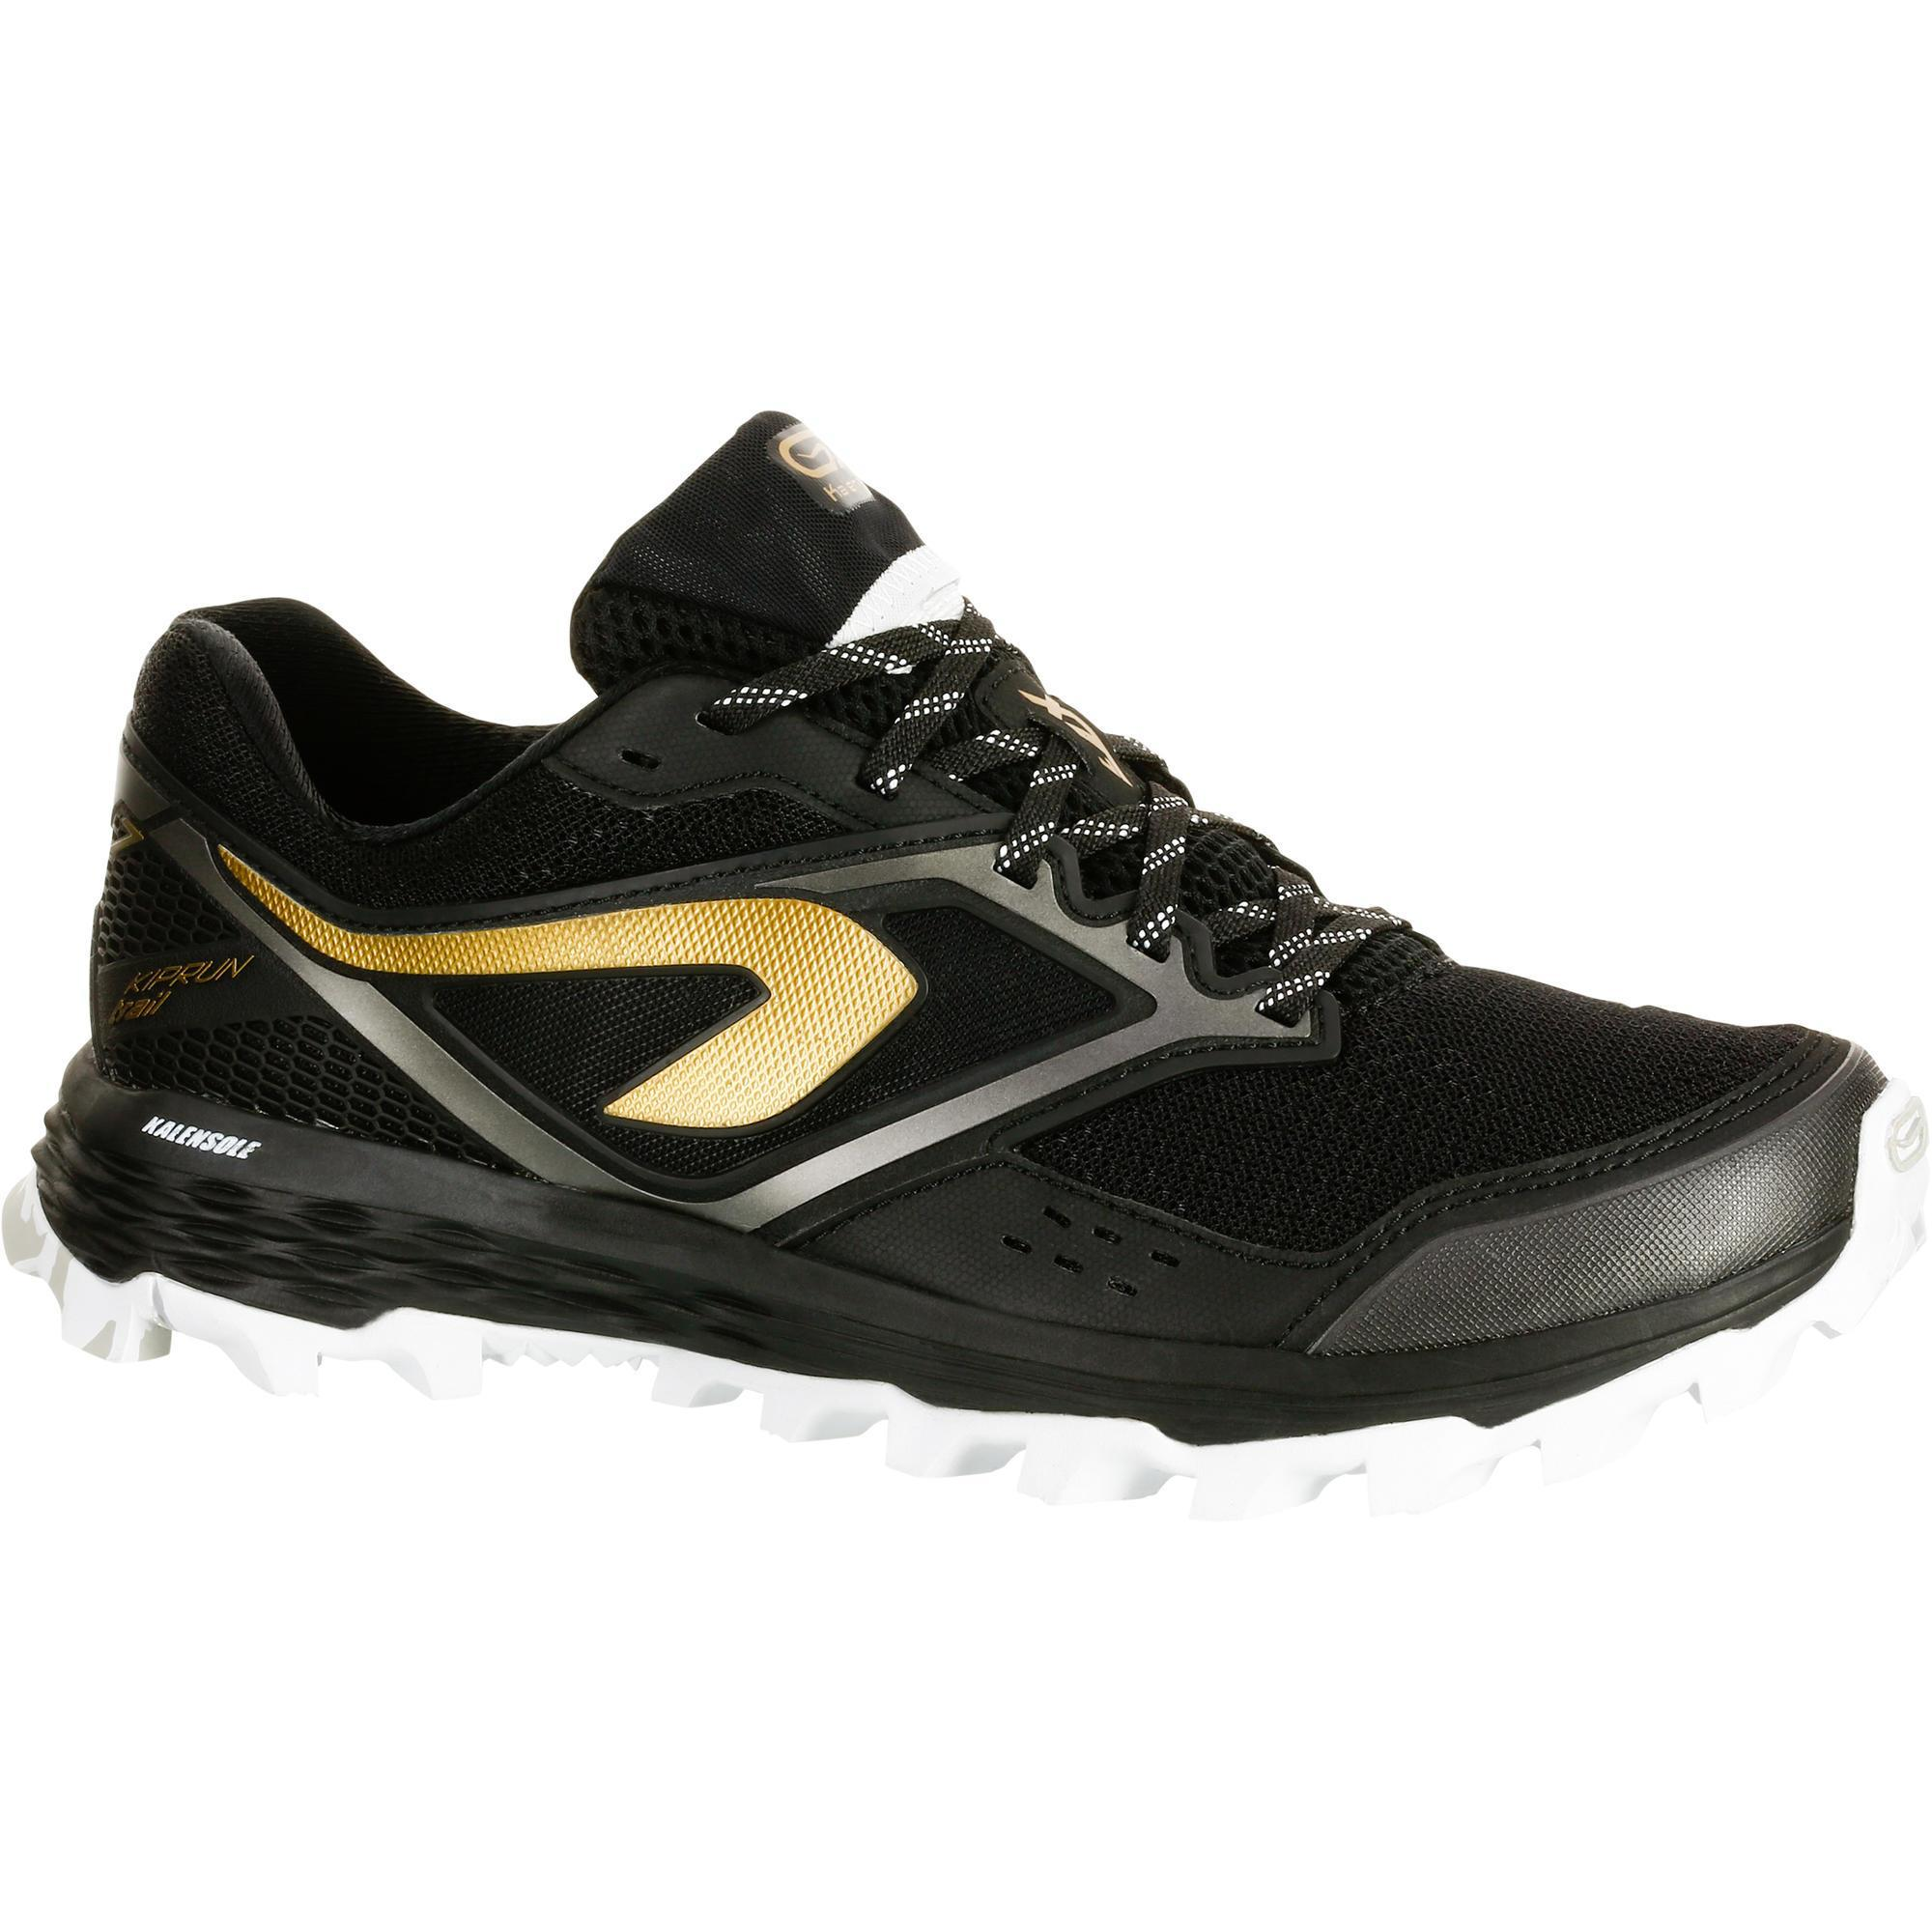 2501106 Kalenji Trailschoenen voor dames Kiprun Trail XT 7 zwart brons